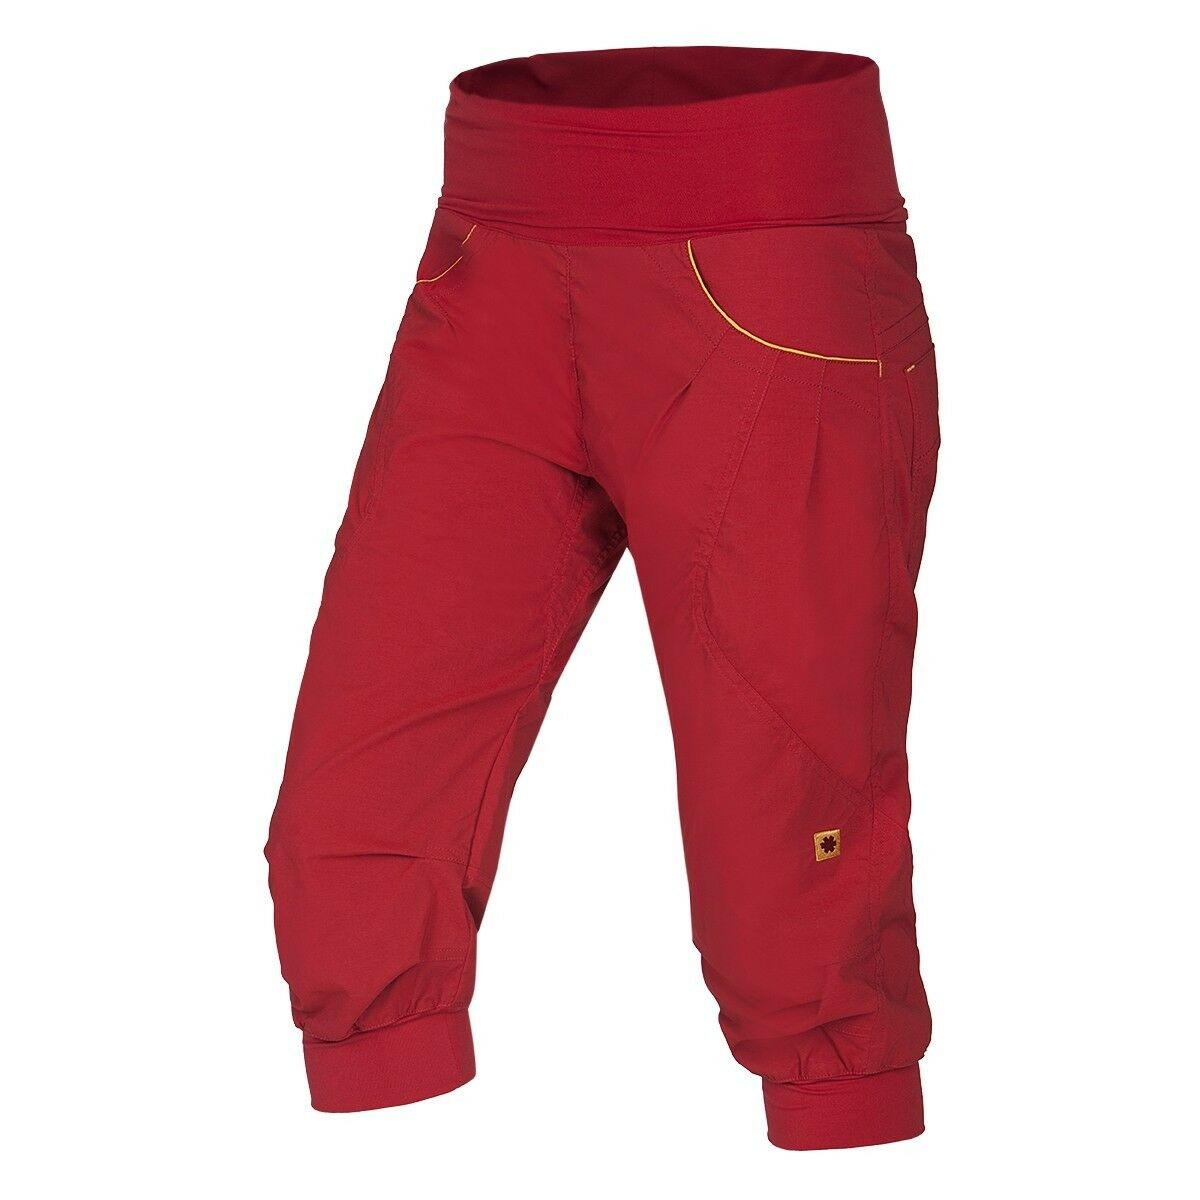 Ocun Noya Pantaloncini Donne,34Lange Pantaloni per Arrampicata Donna,Rosso